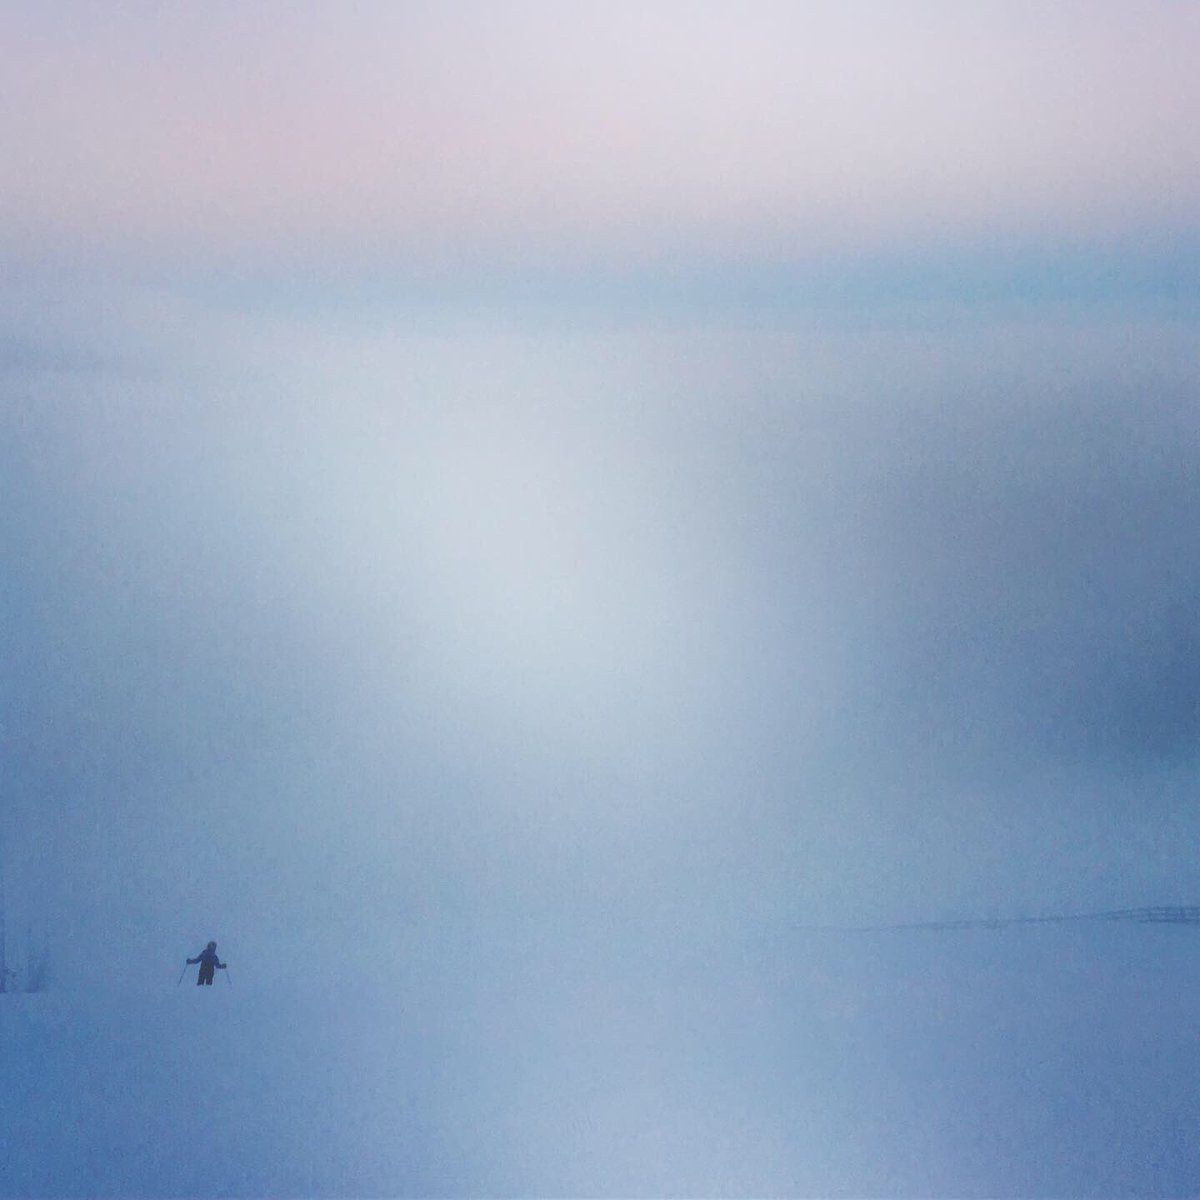 Tunturissa tuulettuu ihminen ulkoisesti ja sisäisesti. Kaamos on kauneinta aikaa. #kaamos #lappi #ylläs #finland #lapland #aboveordinary